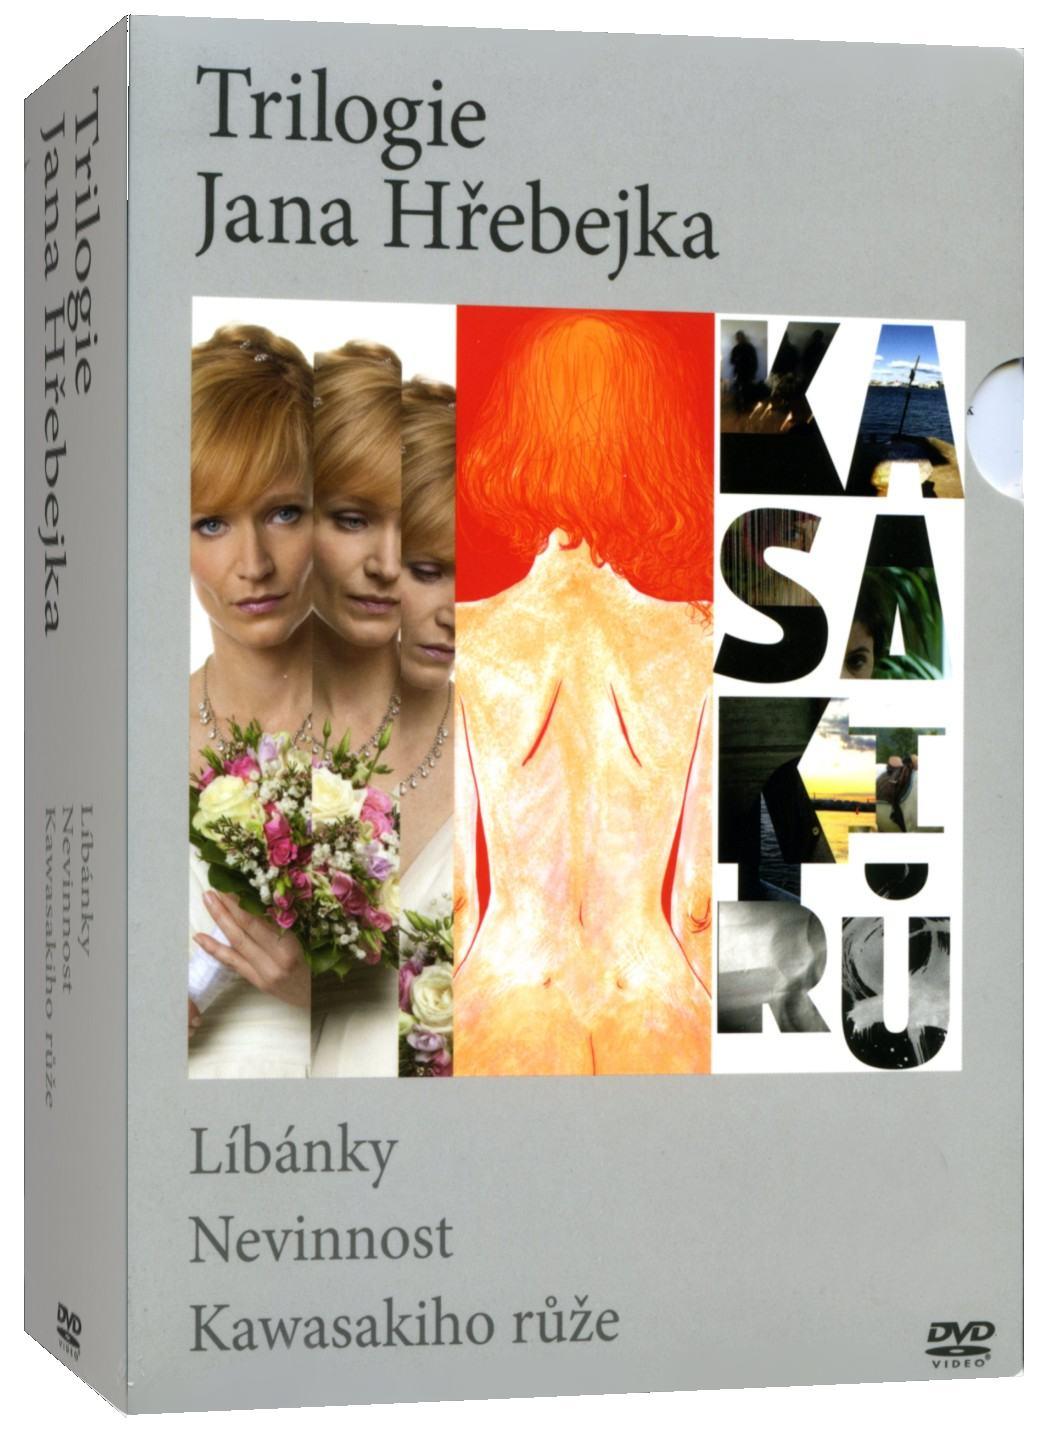 TRILOGIE JANA HŘEBEJKA (Líbánky, Nevinnost, Kawaskiho růže) - 3 DVD